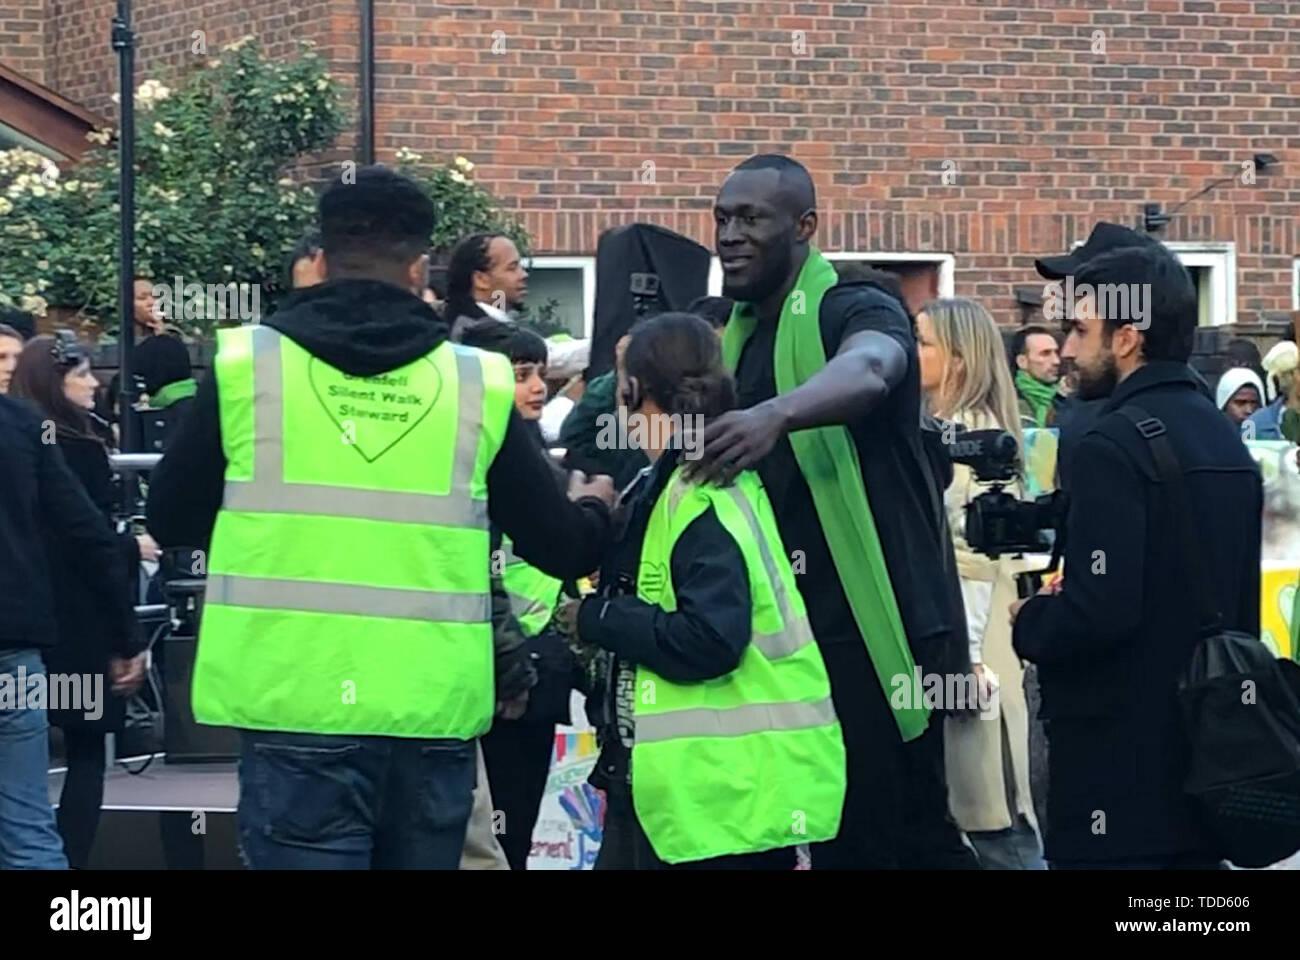 Rapper Stormzy Spaziergänge mit Familie und Freunden der 72 Menschen, die ihr Leben in der Grenfell Hochhaus Brand verloren, außerhalb Grenfell Tower, London, während ein stiller Spaziergang zum zweijährigen Jubiläum. Stockbild